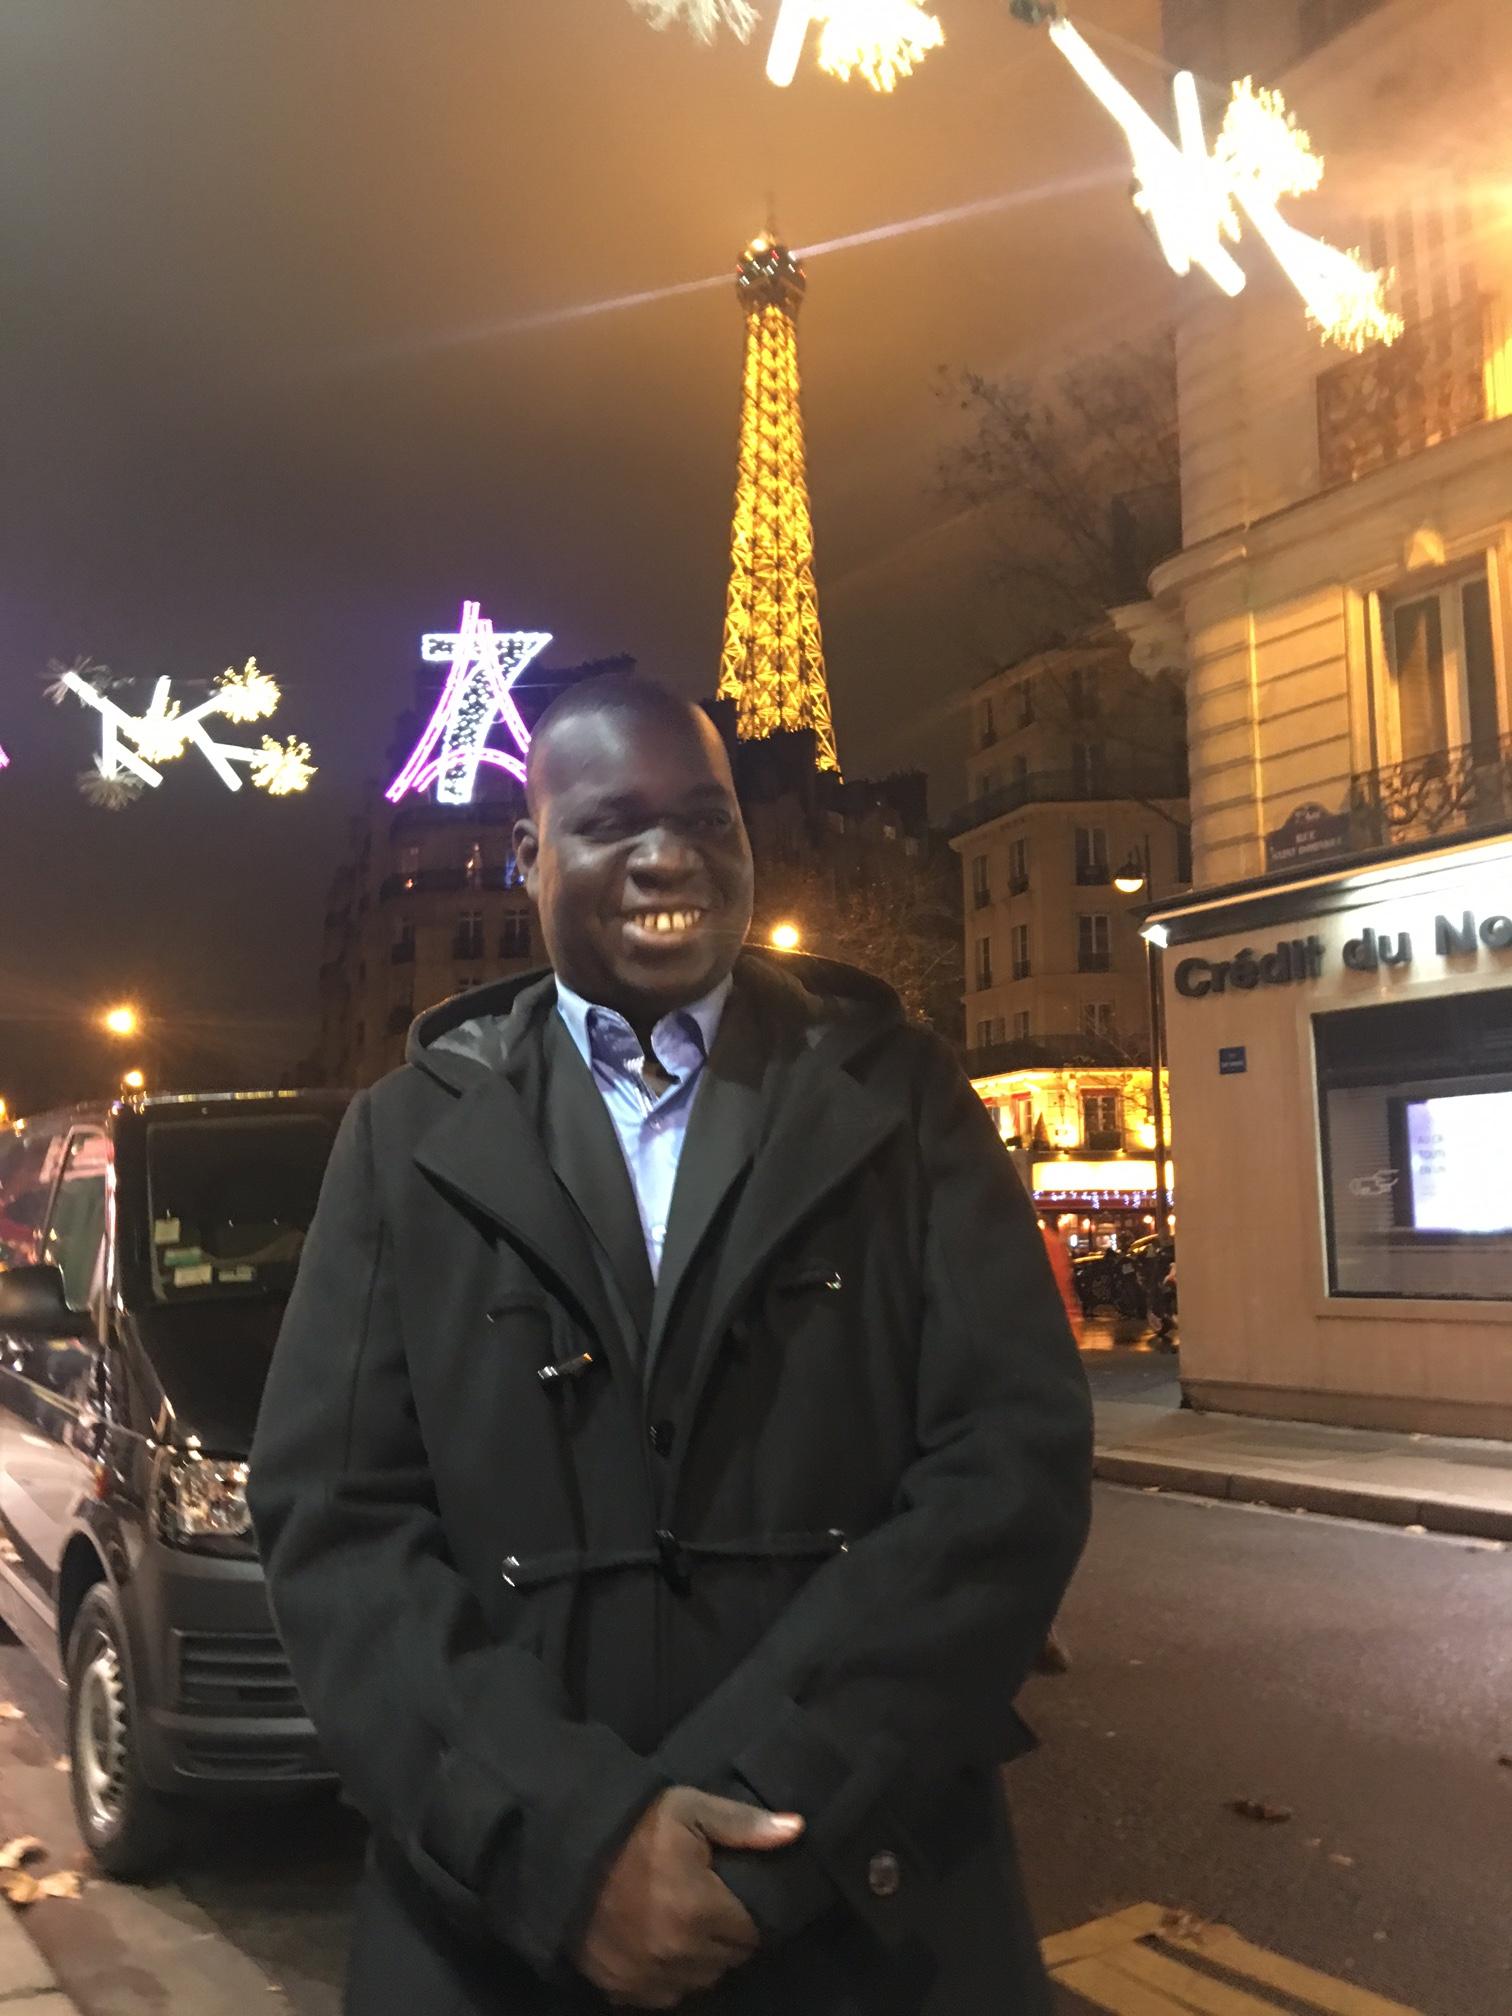 PARIS : Le journaliste El Malick Seck à Paris pour la visite d'Etat du président Macky Sall